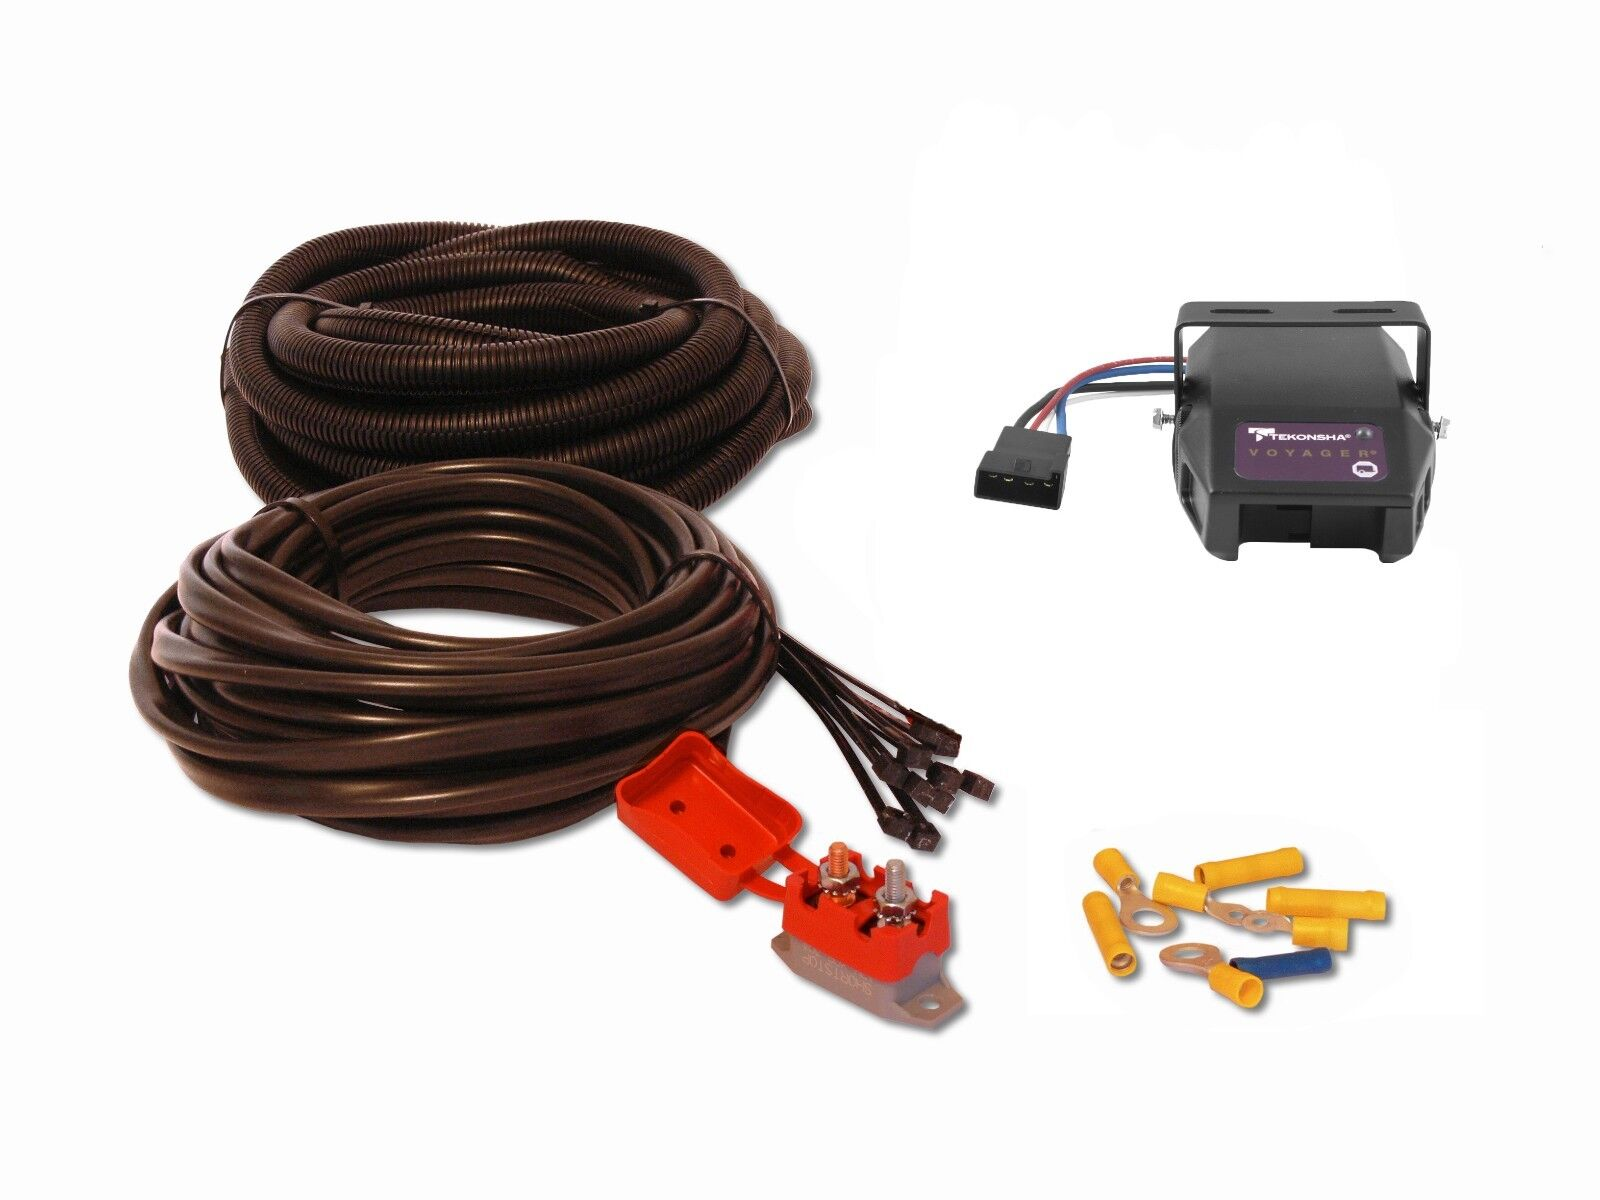 Voyager Brake Controller Wiring Wiring Diagram Tekonsha Voyager